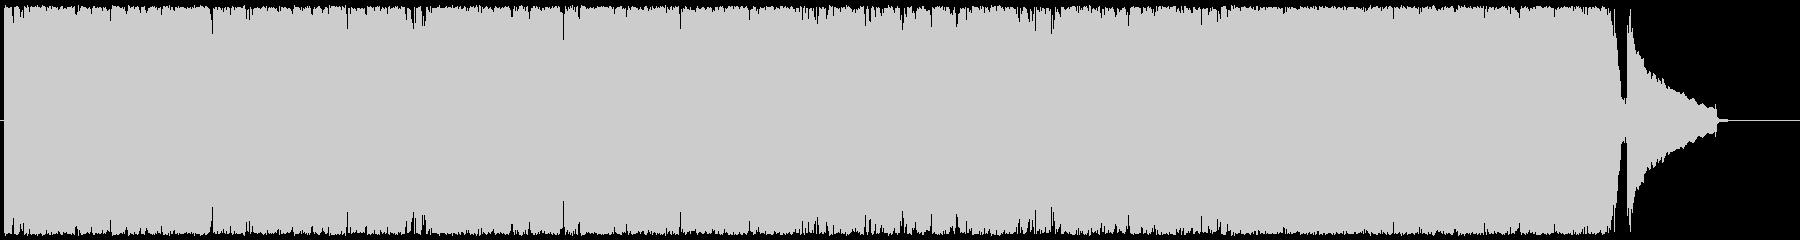 サックスとピアノのほのぼのポップスの未再生の波形